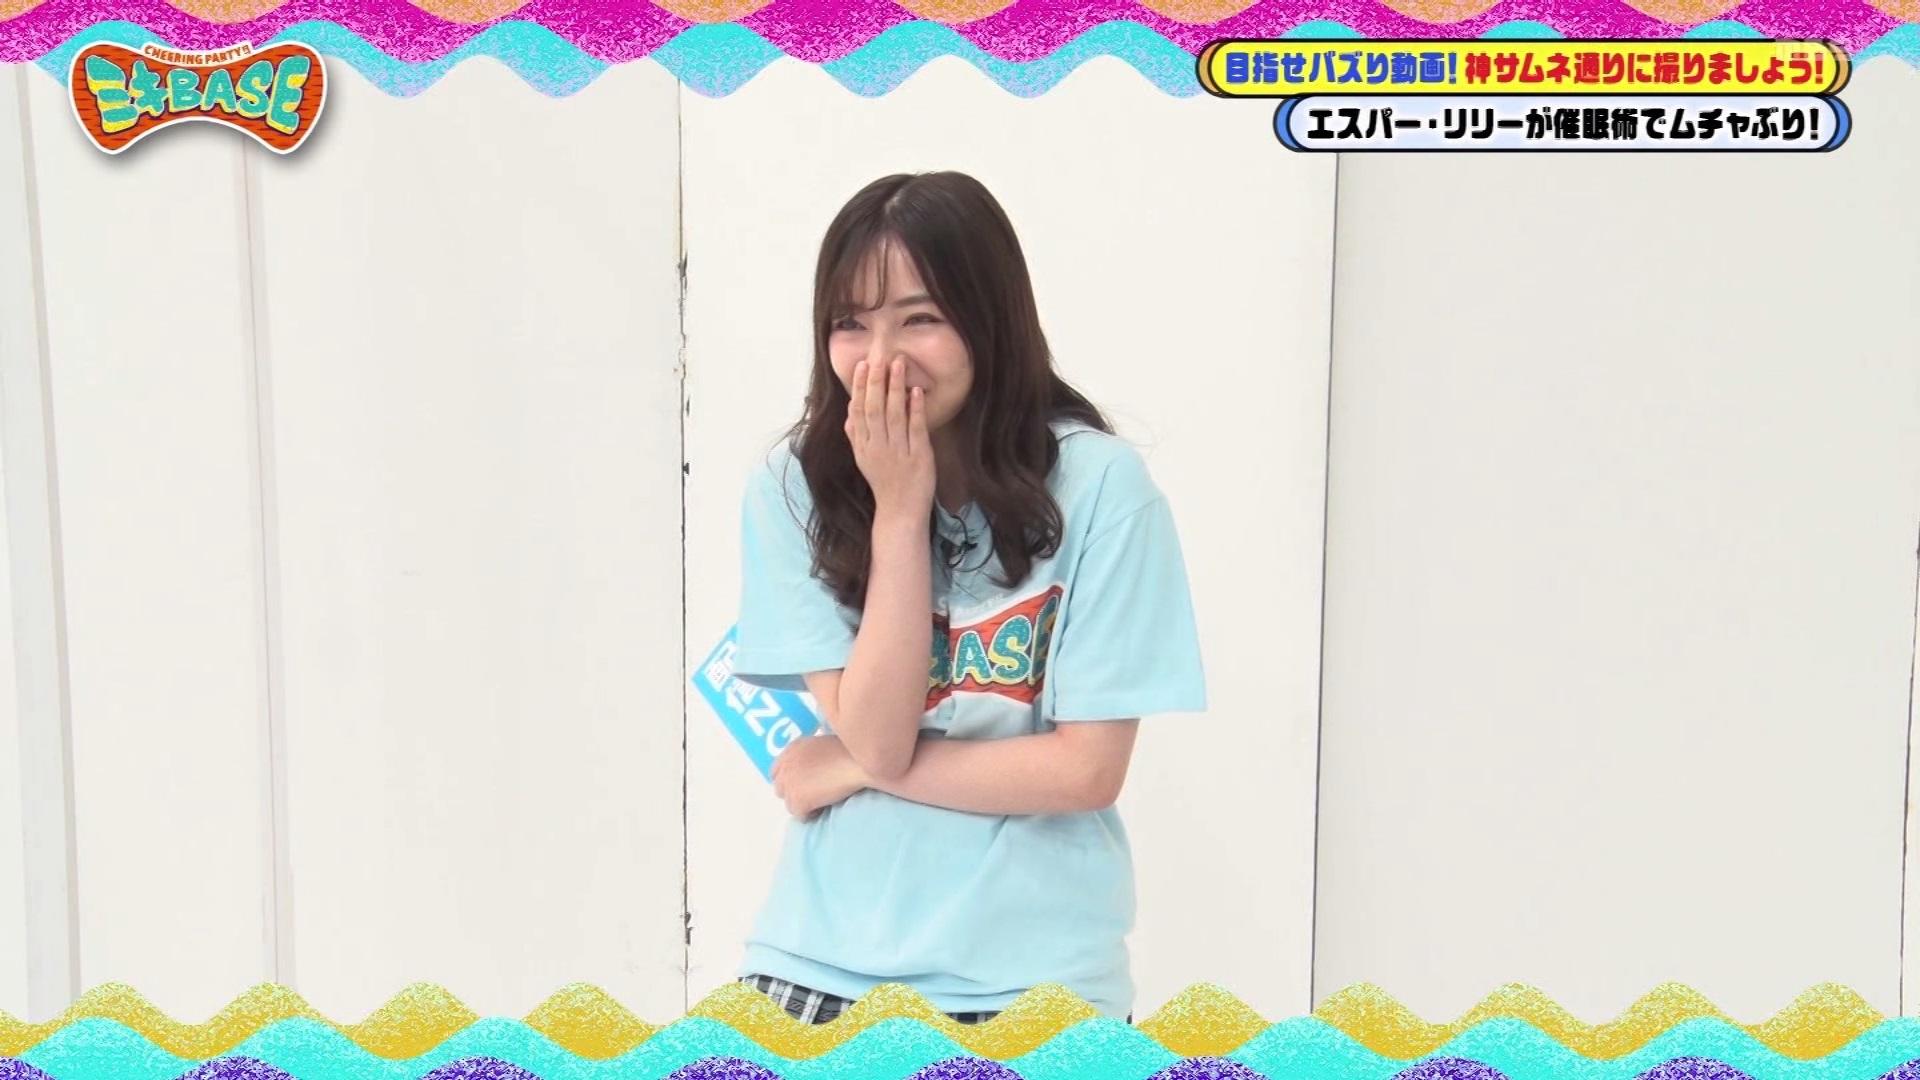 【村瀬紗英】さえぴぃ出演8月5日に放送された「ミキBASE」#19の画像